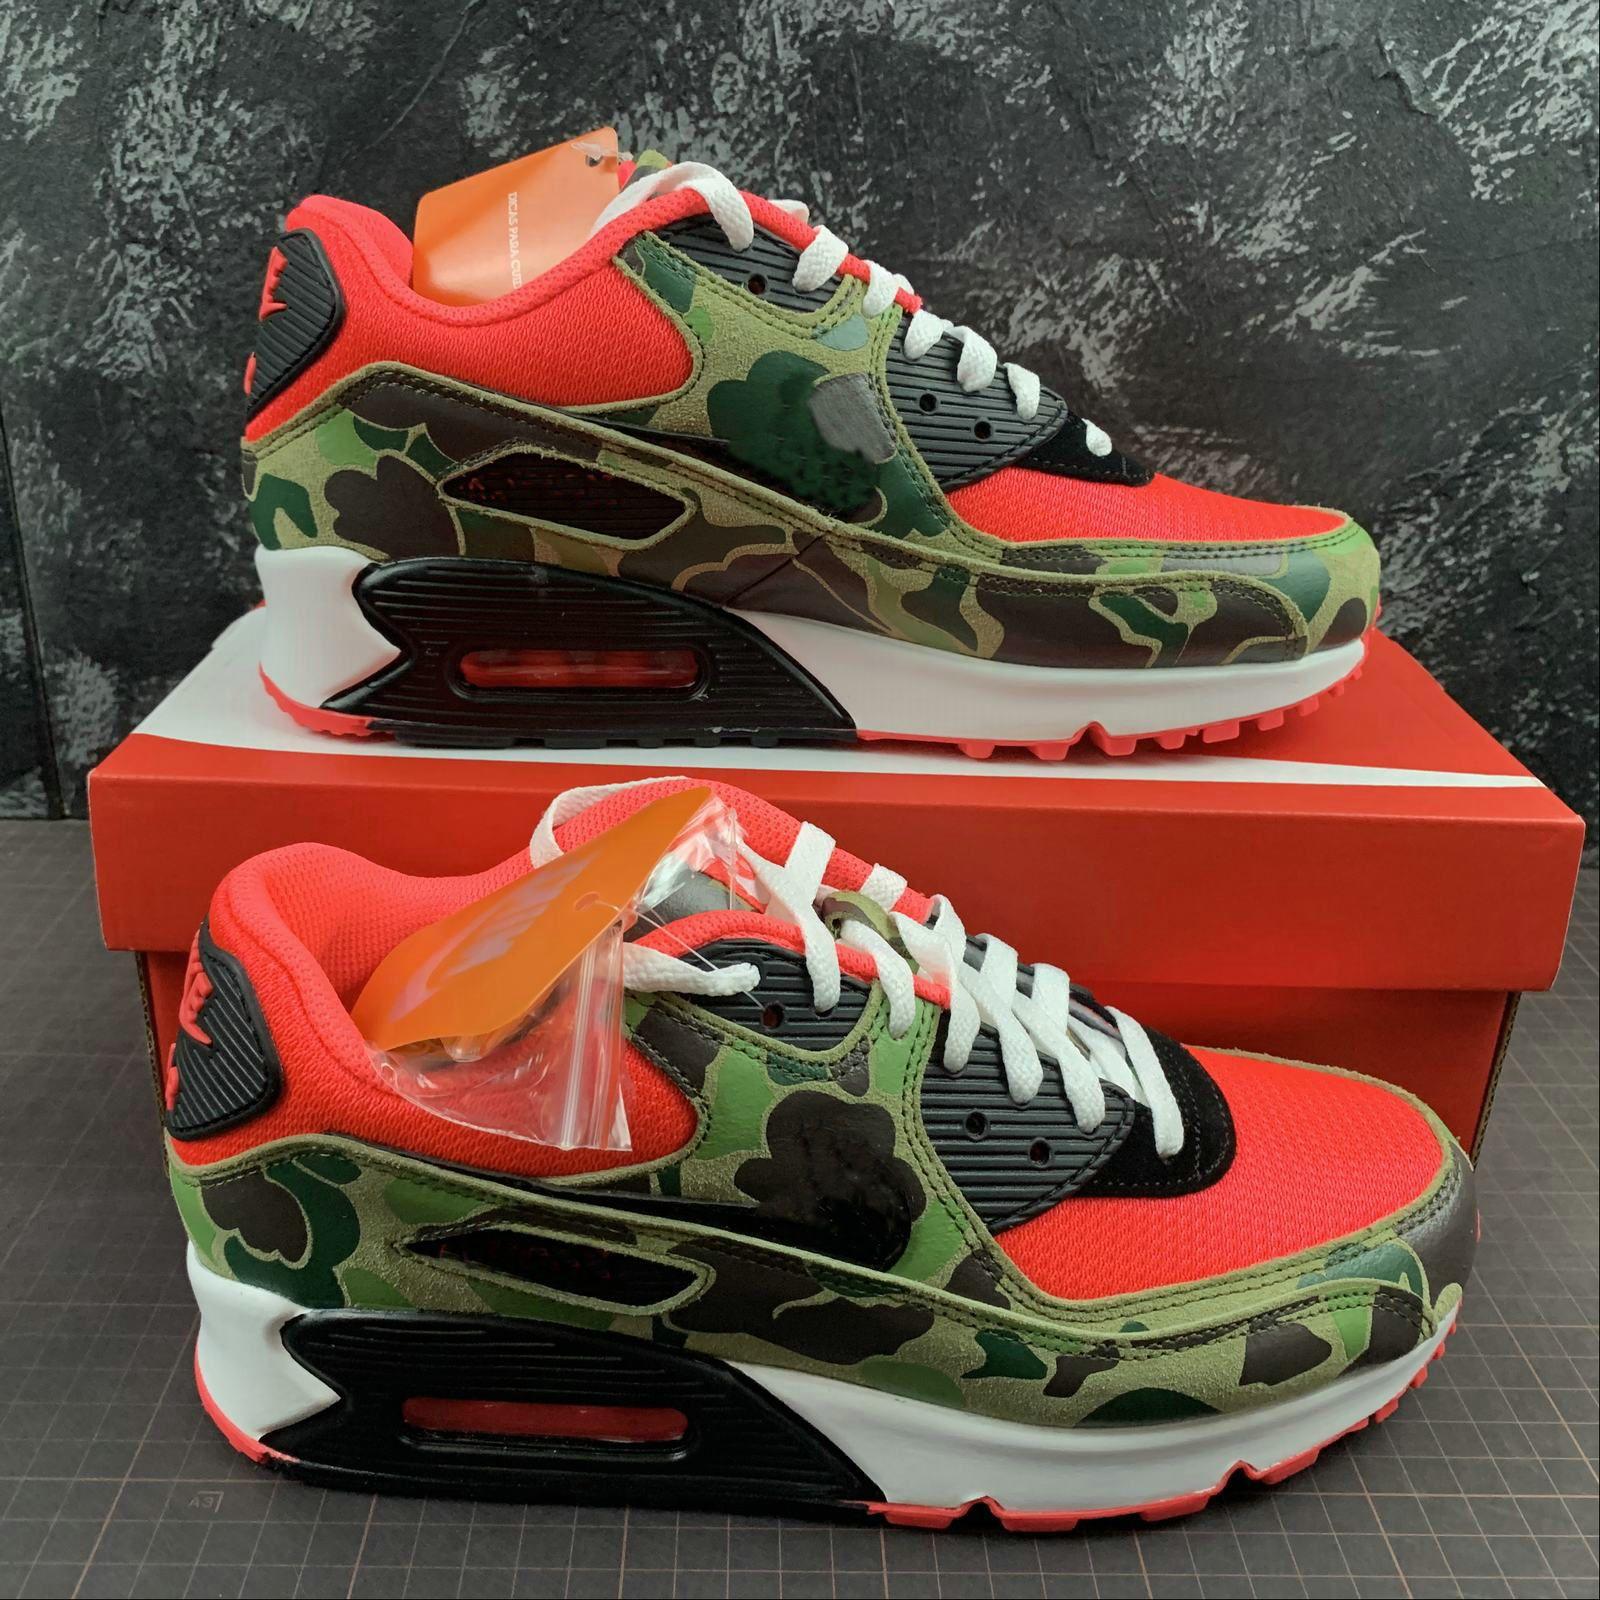 2020 Erkekler 90'lar Spor Ayakkabılar kapalı Kamuflaj Kırmızı Ördek Ayakkabı Tasarımcısı Atmos 90 Ters Running 90 Eğitmenler klasik Spor Chaussures zapatos